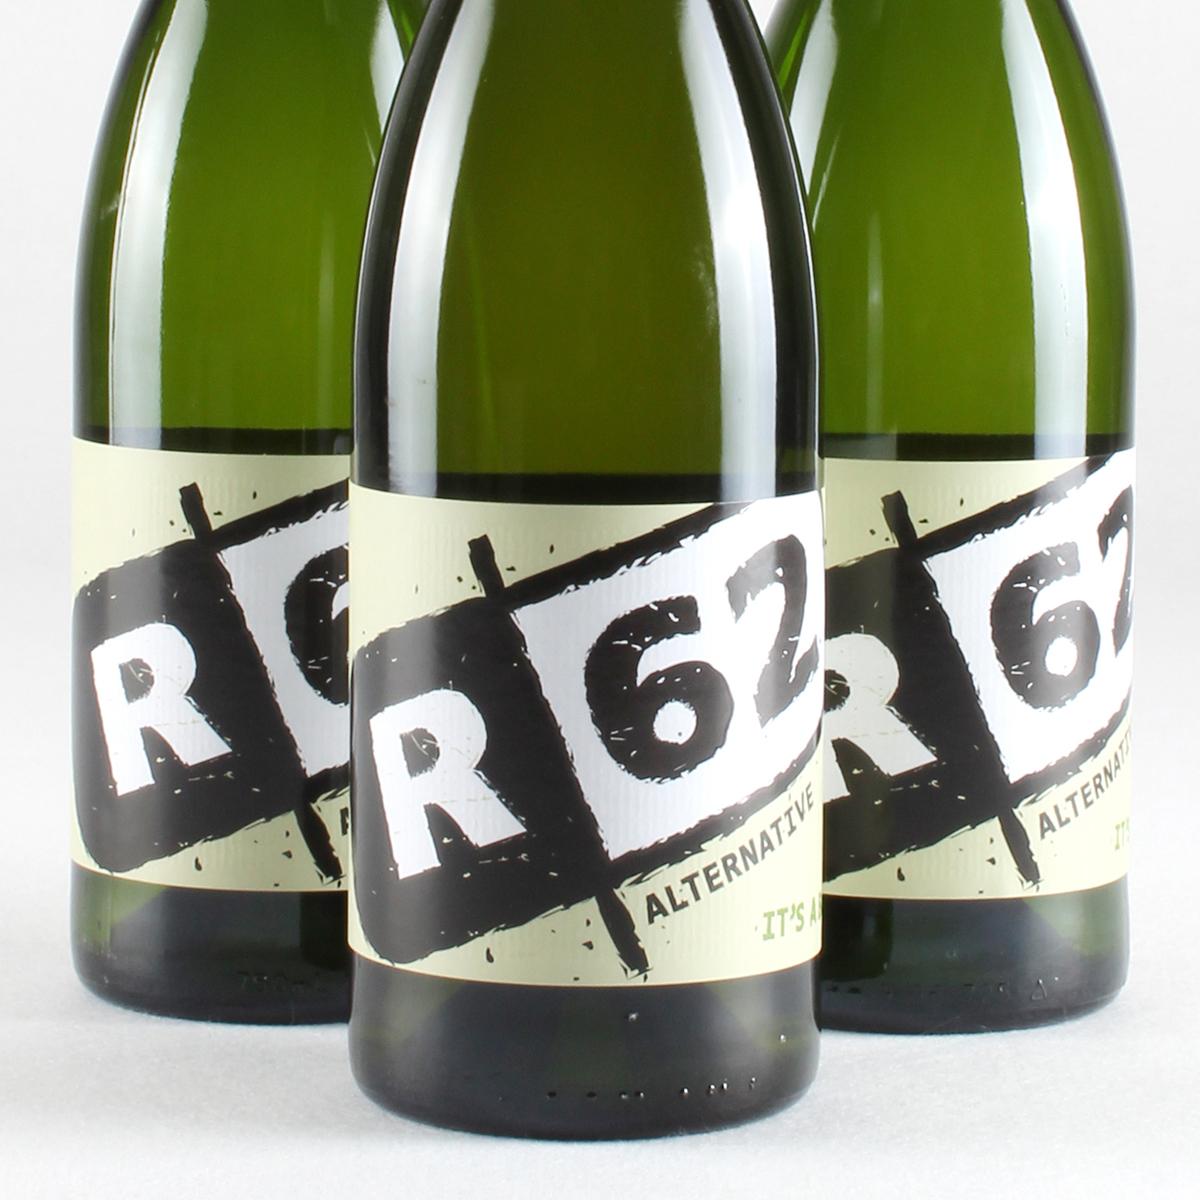 62号公路干白葡萄酒